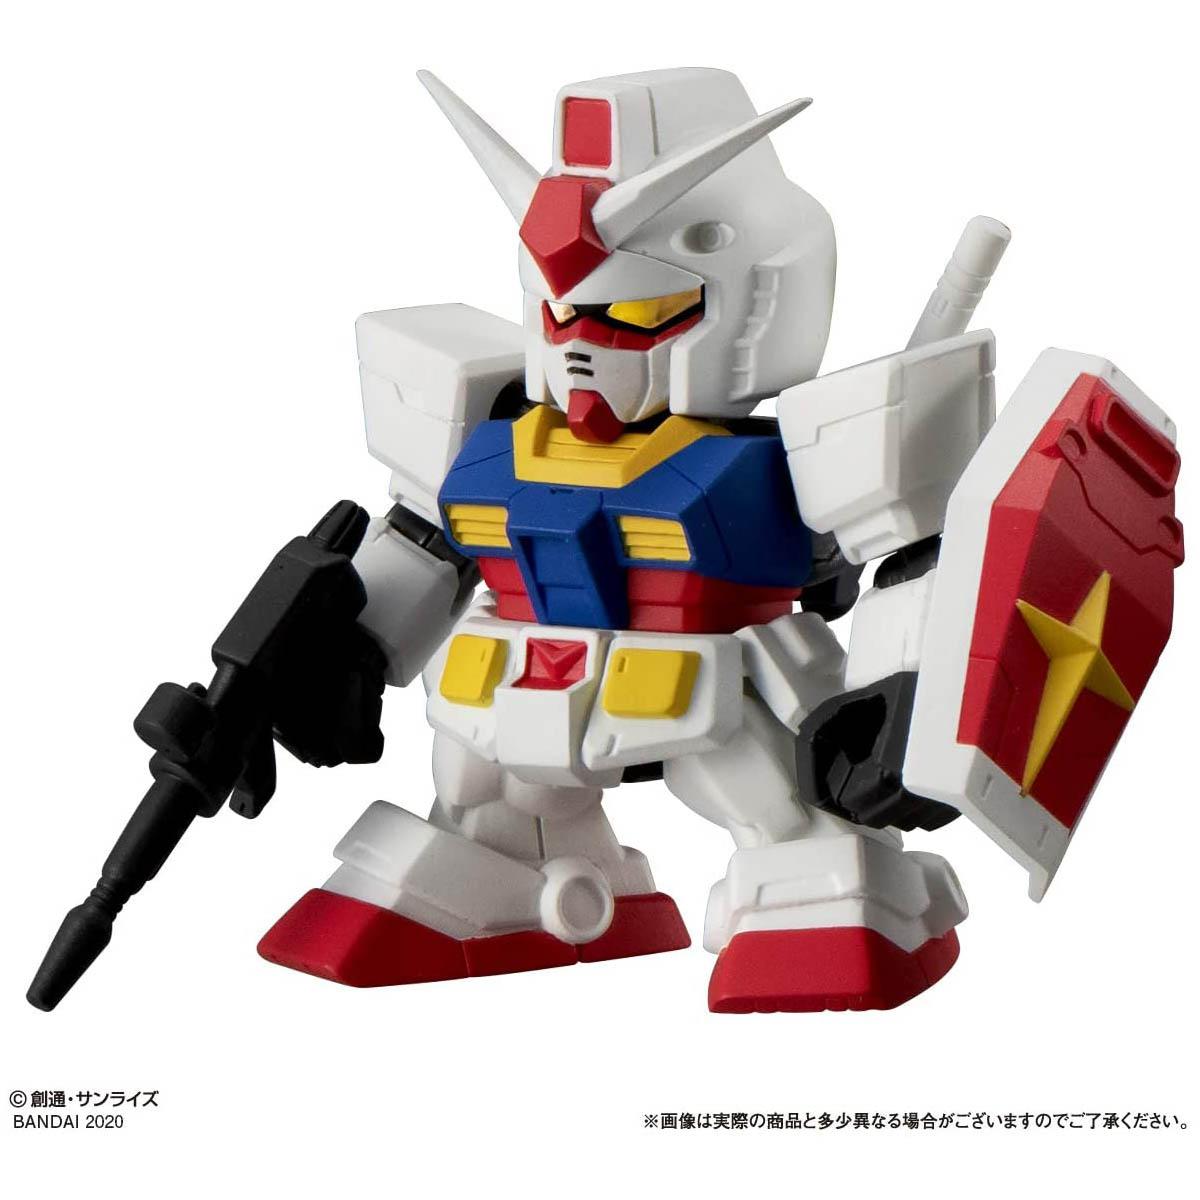 【ガシャポン】機動戦士ガンダム『ガシャポン戦士フォルテ11』12個入りBOX-002